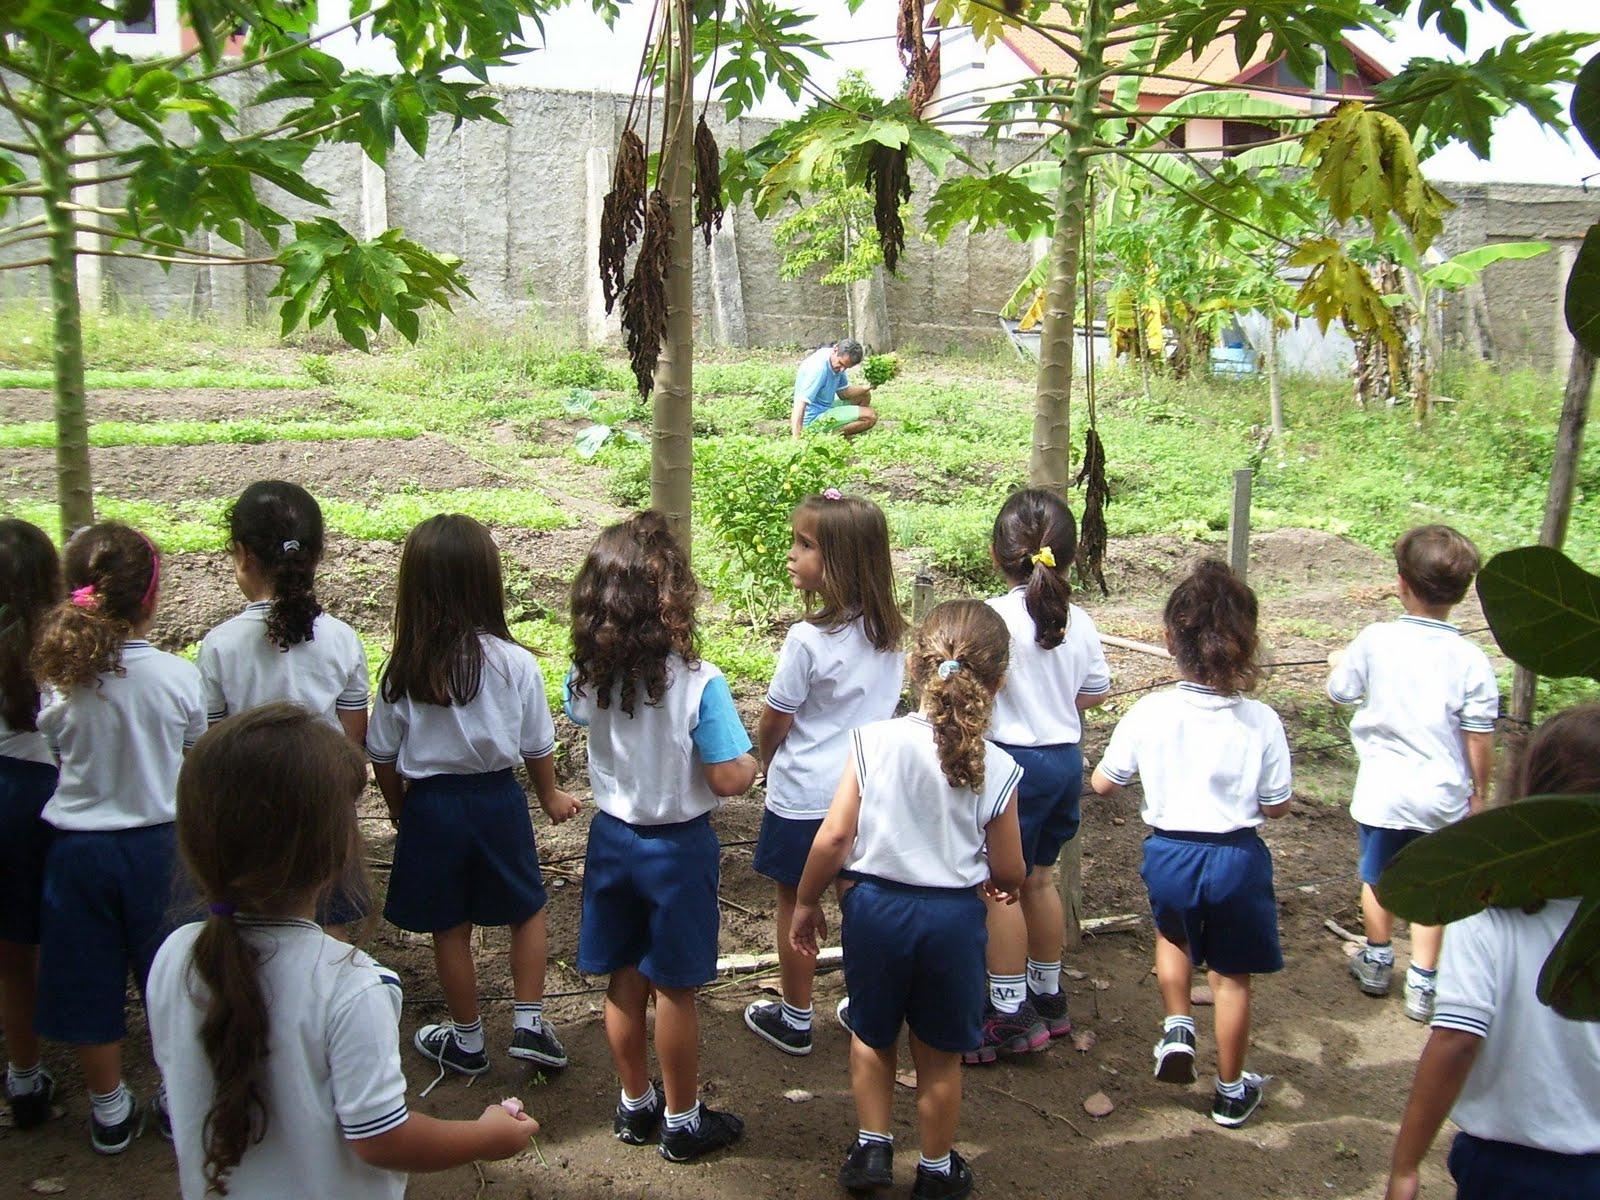 horta jardim e pomar:no jardim flores e plantas ornamentais.